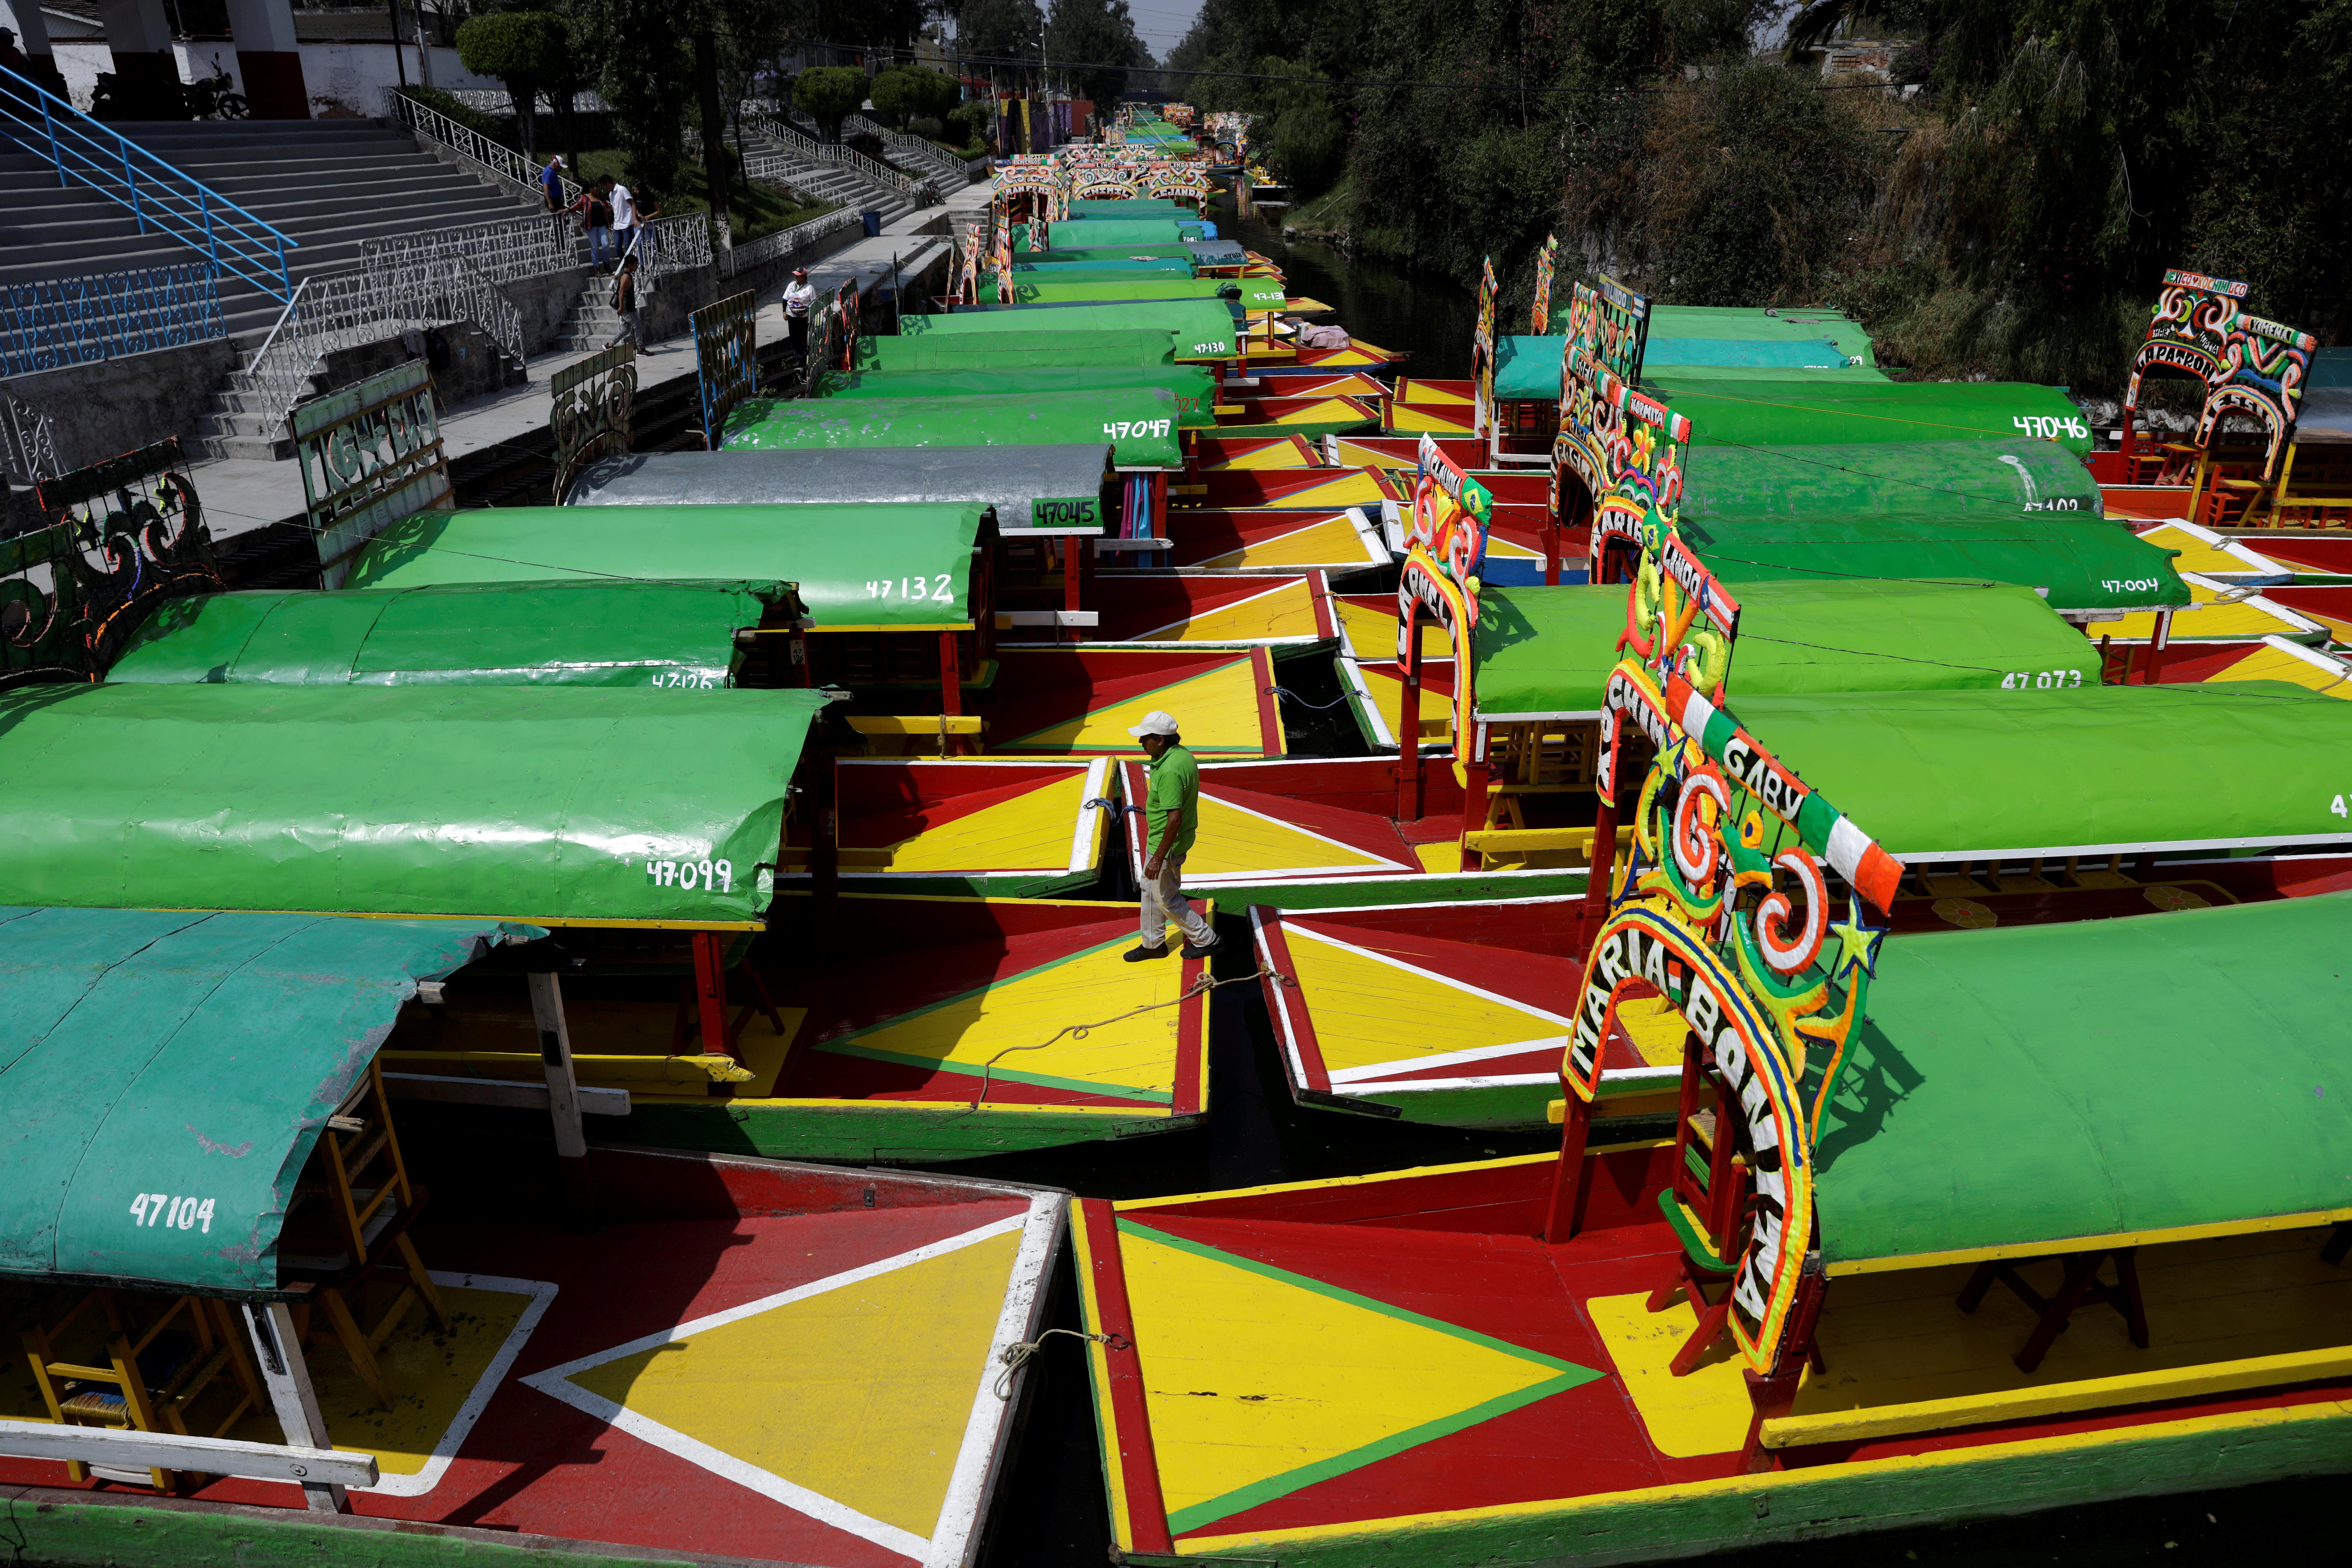 Las trajineras (embarcaciones) están estacionadas en Xochimilco debido a la falta de clientes, ya que el Ministerio de Salud de México instó a las personas a mantener una